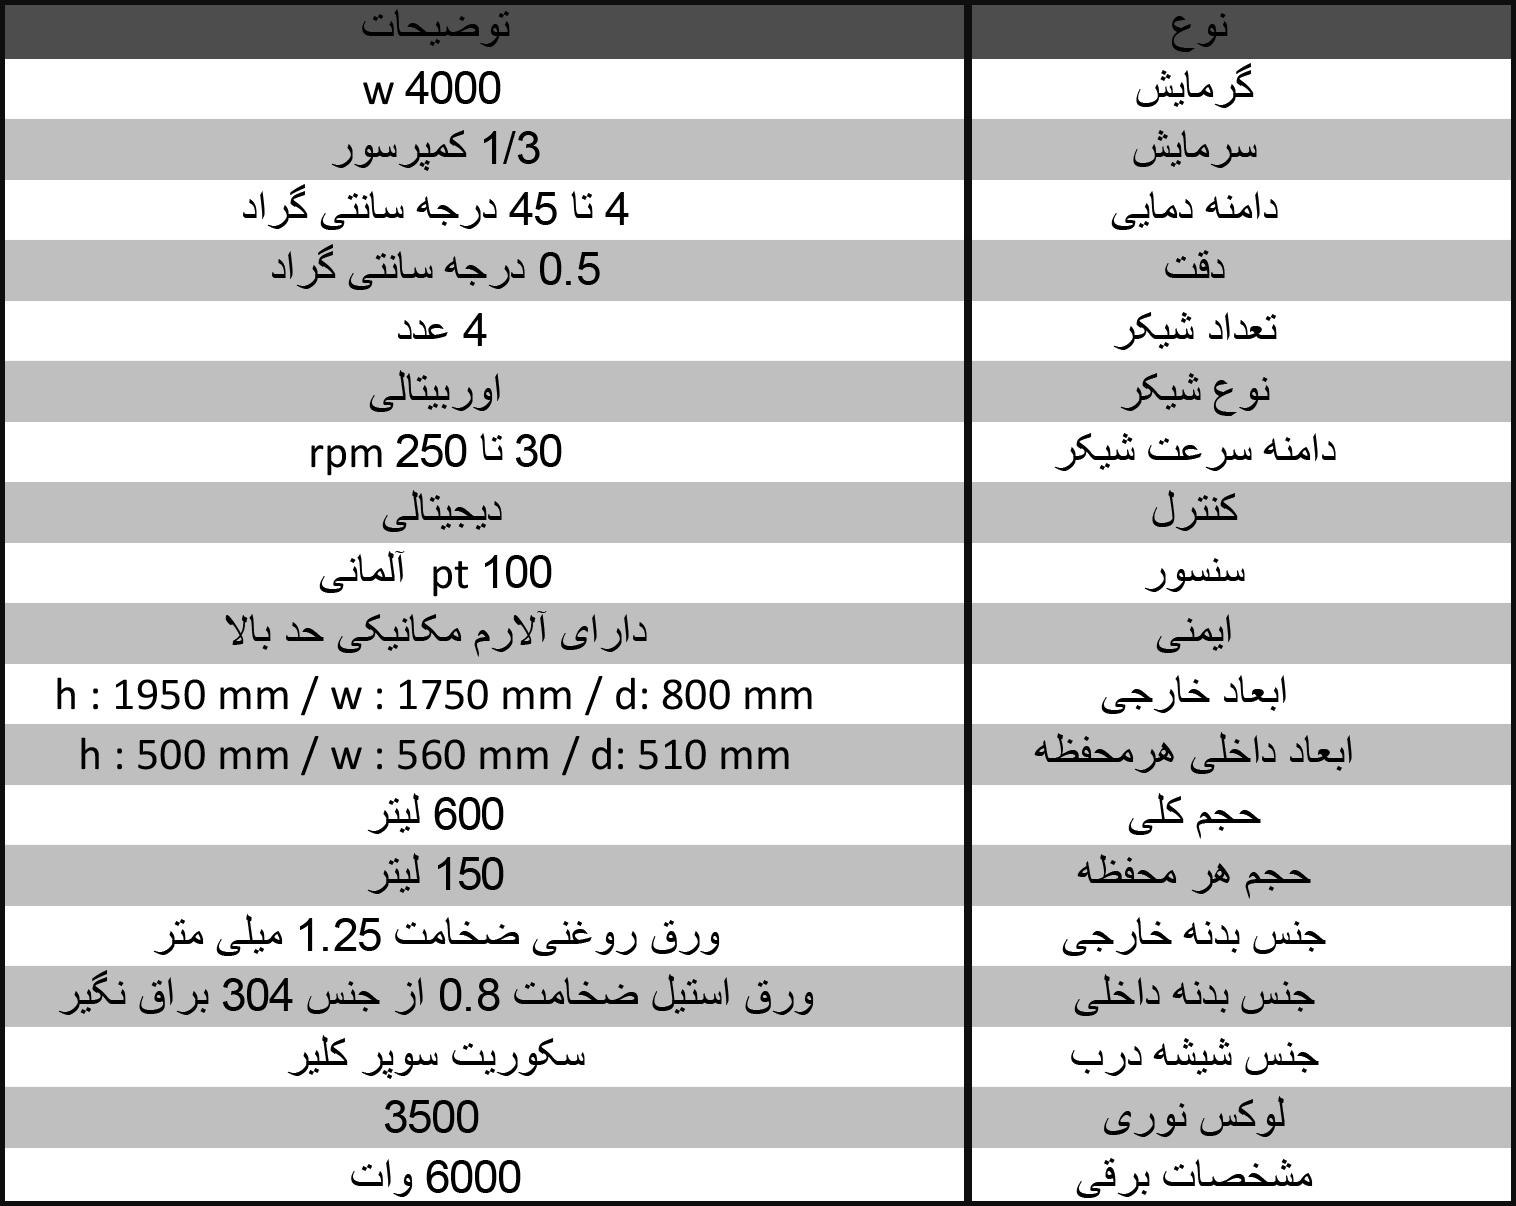 جدول مشخصات فنی دستگاه